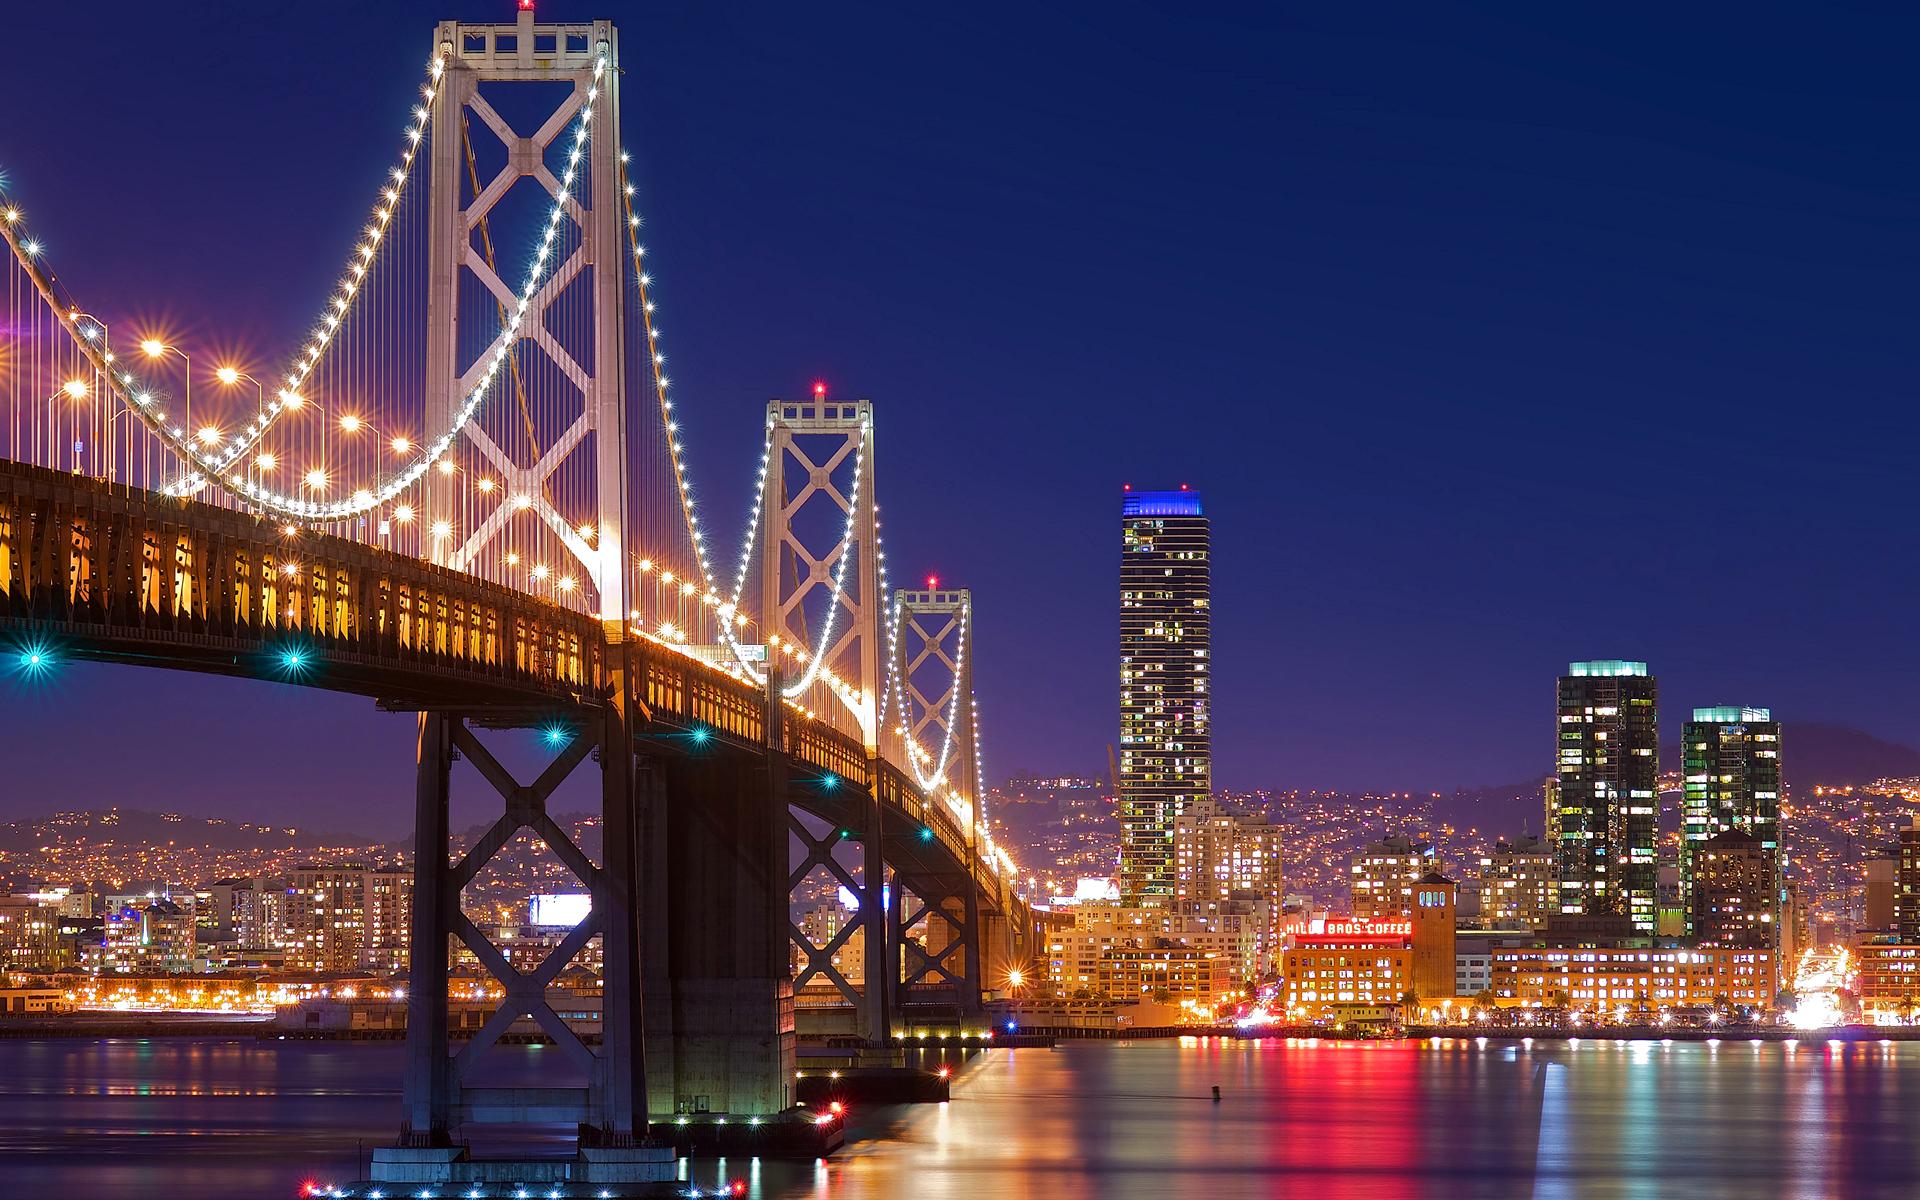 мост вечер мегаполис  № 3360599 бесплатно